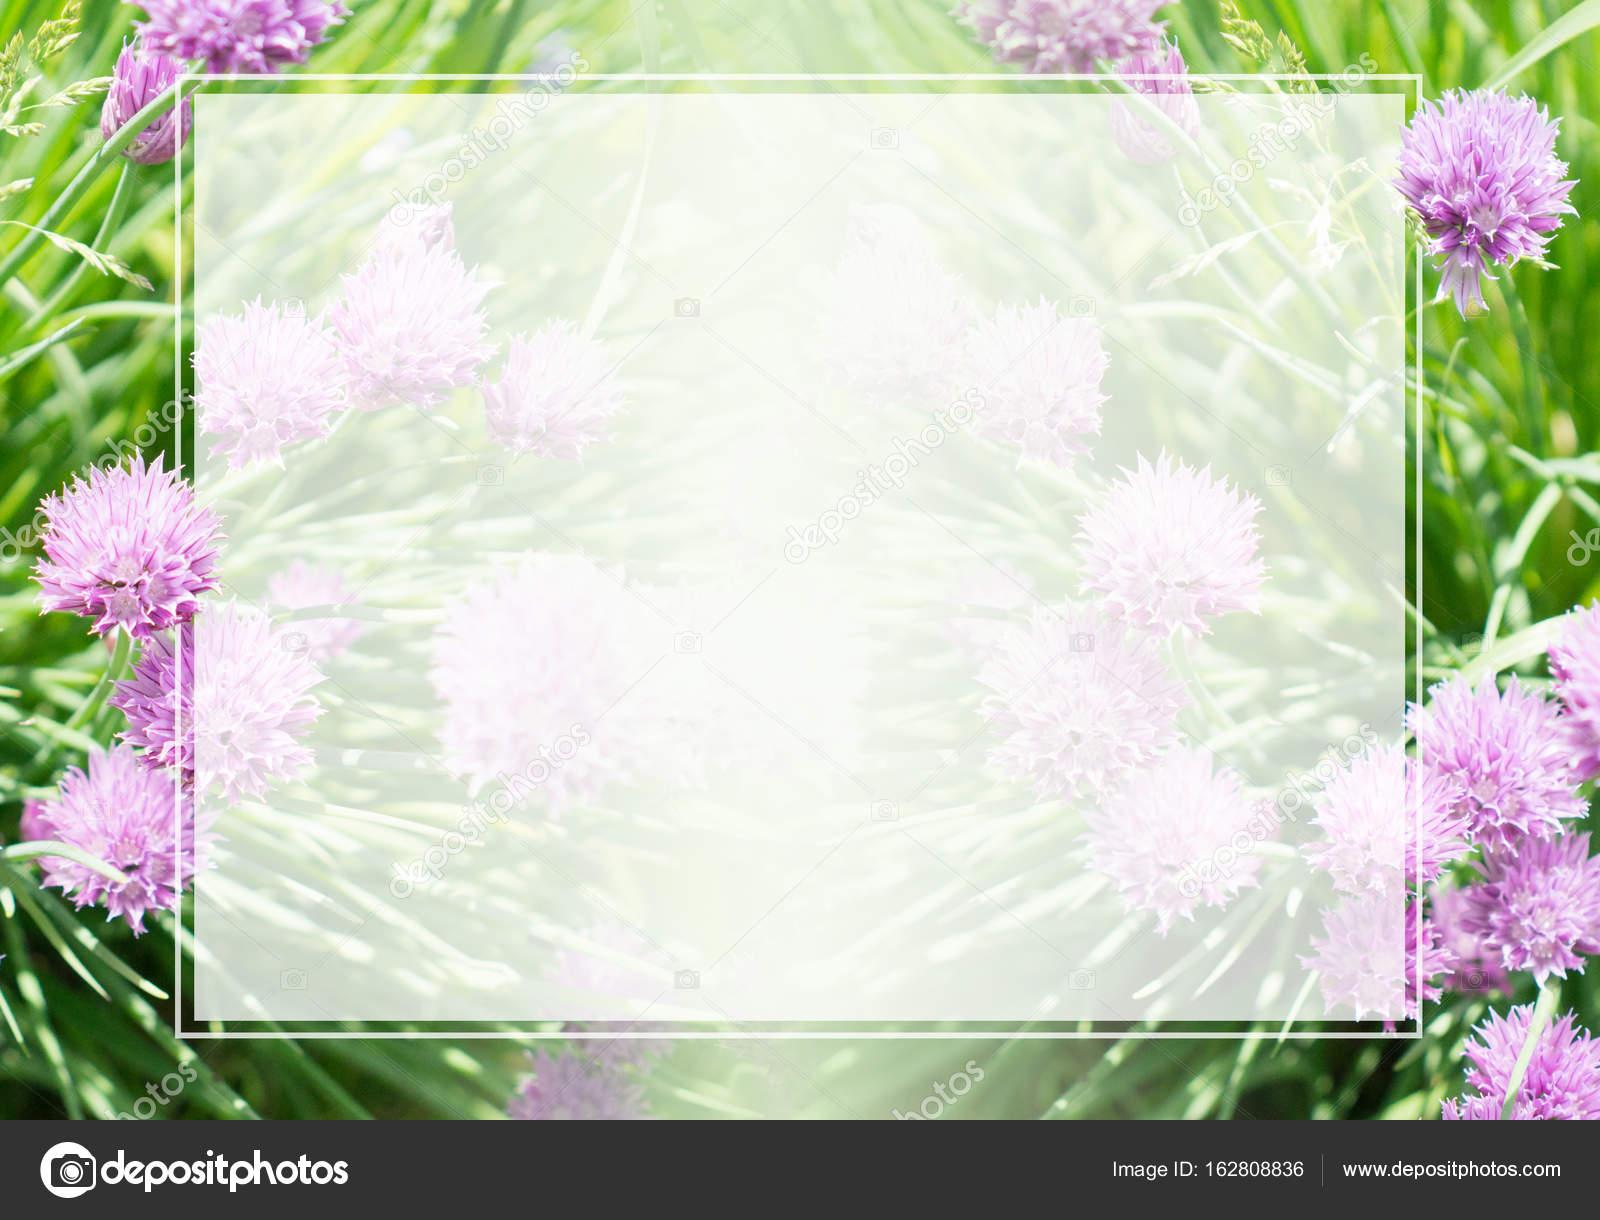 Rahmen und Rand auf dem Hintergrund von Rasen und Blumen — Stockfoto ...